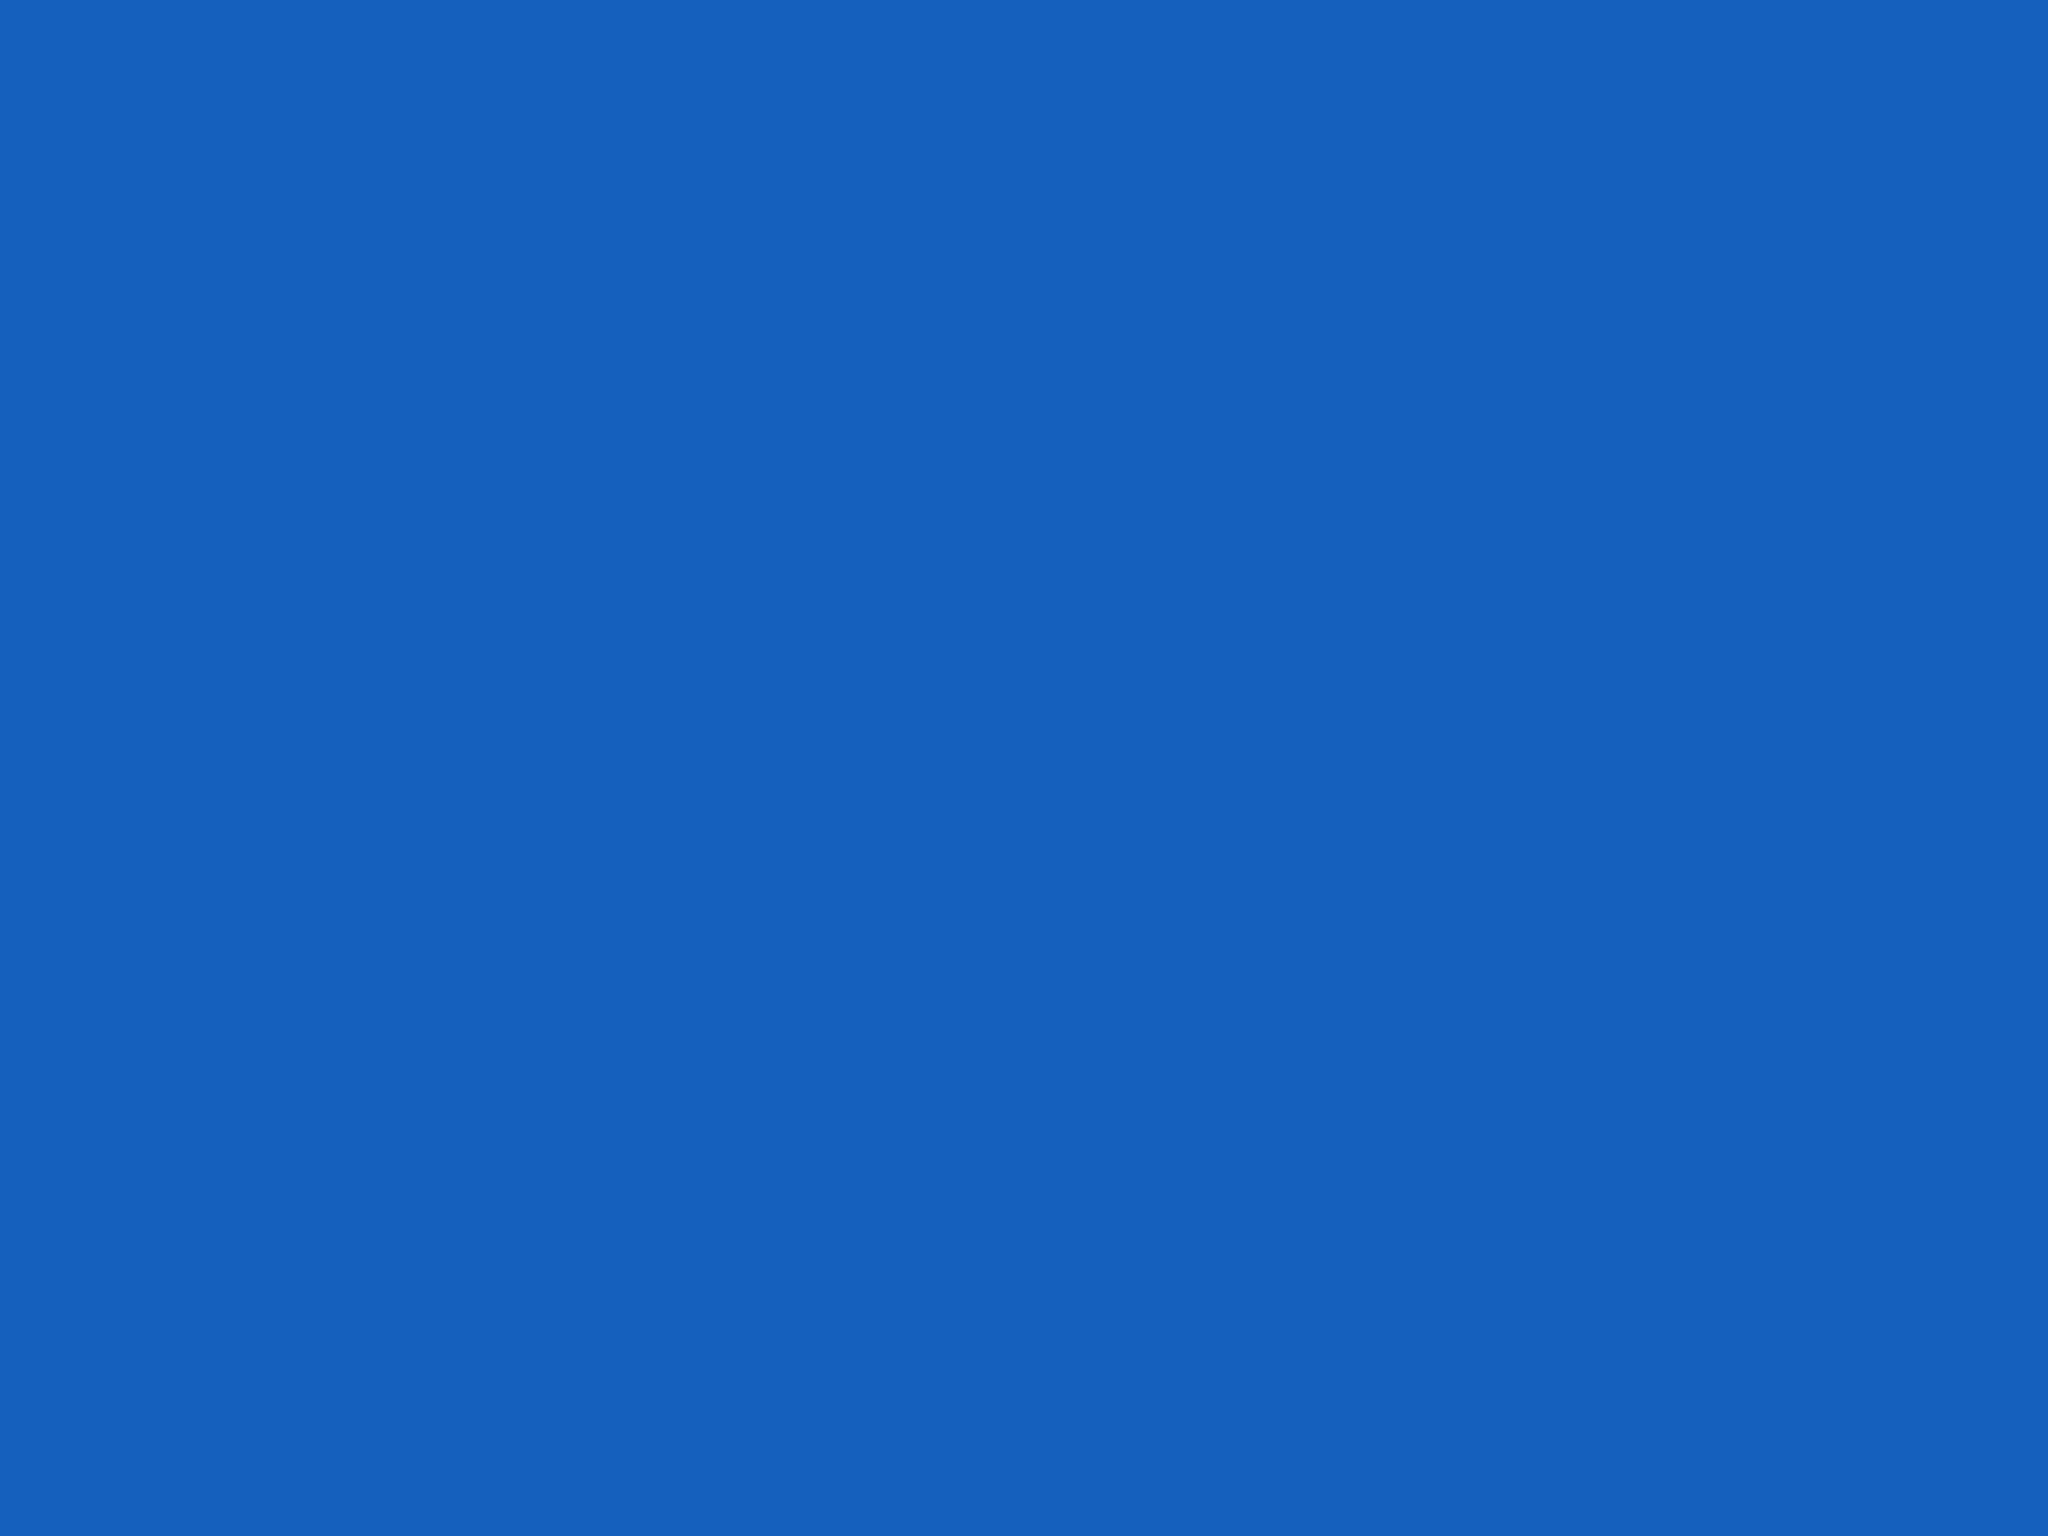 2048x1536 Denim Solid Color Background